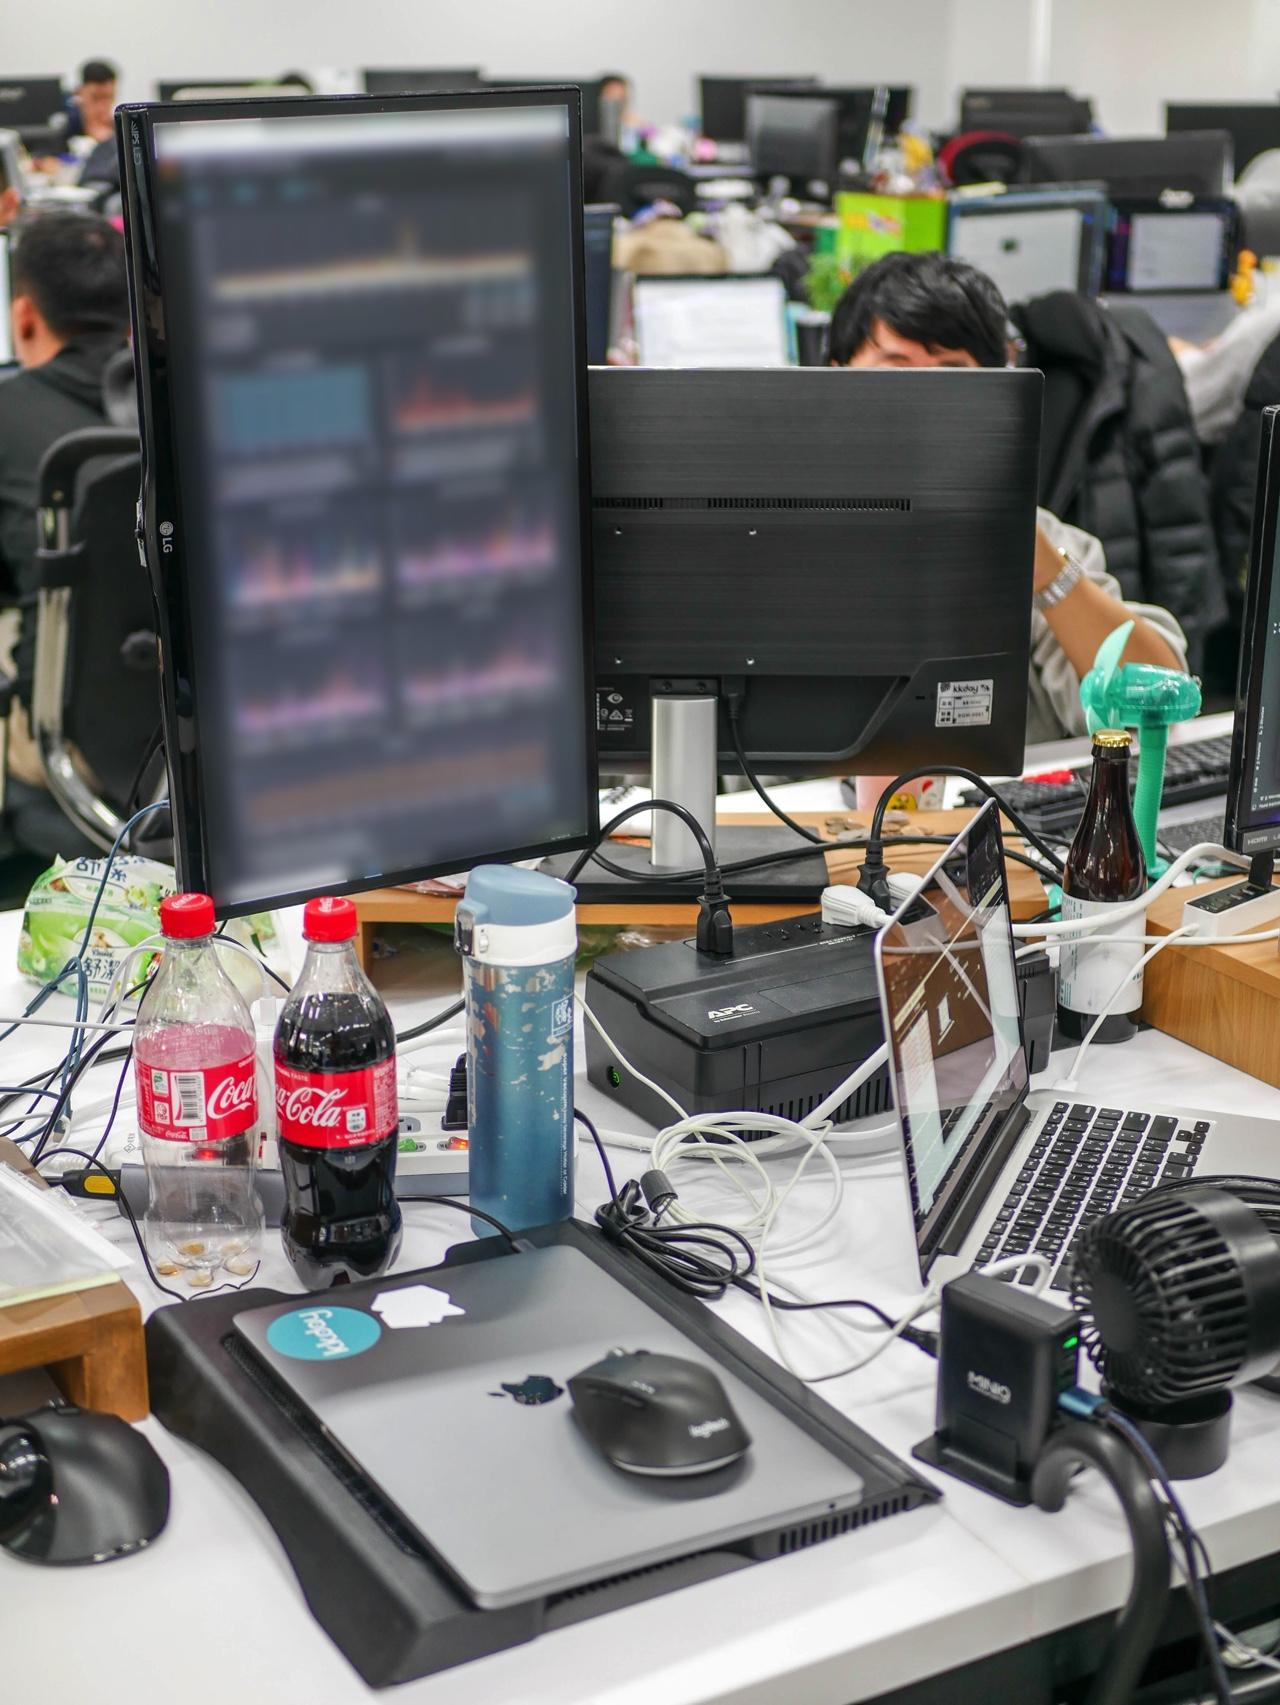 デスク上のPC周辺機器